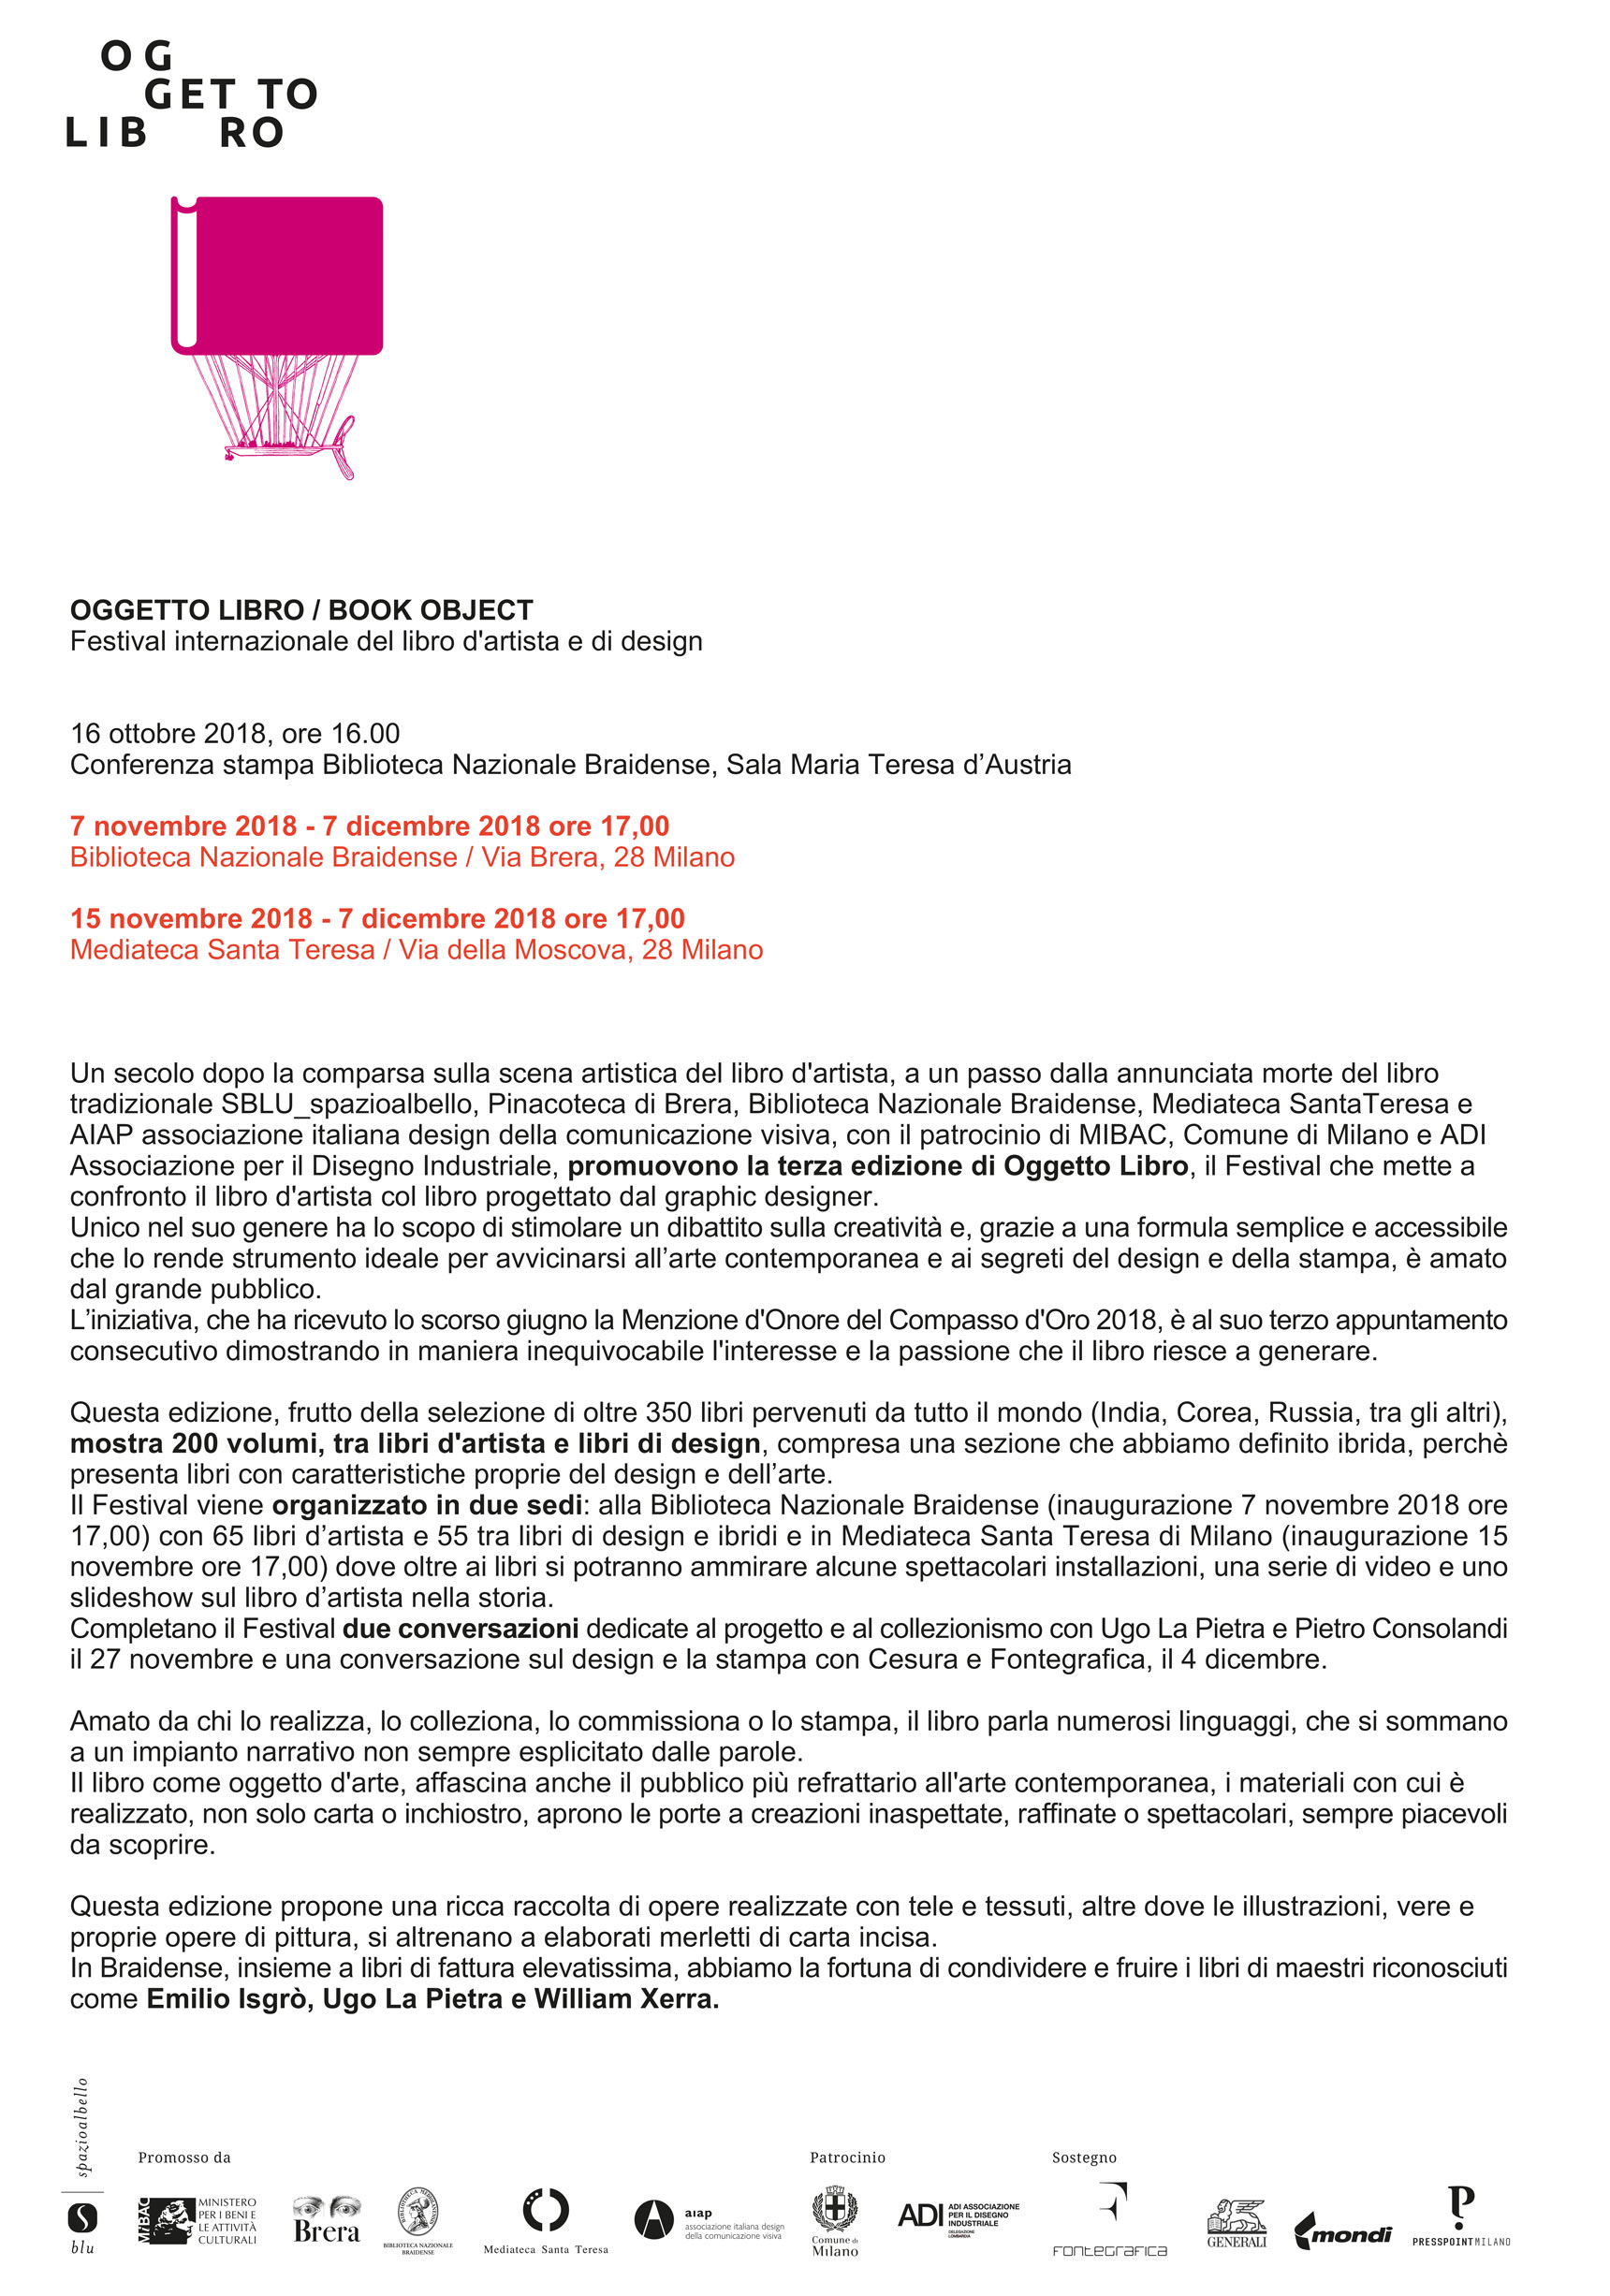 CS-Conferenza-Oggetto-Libro-1